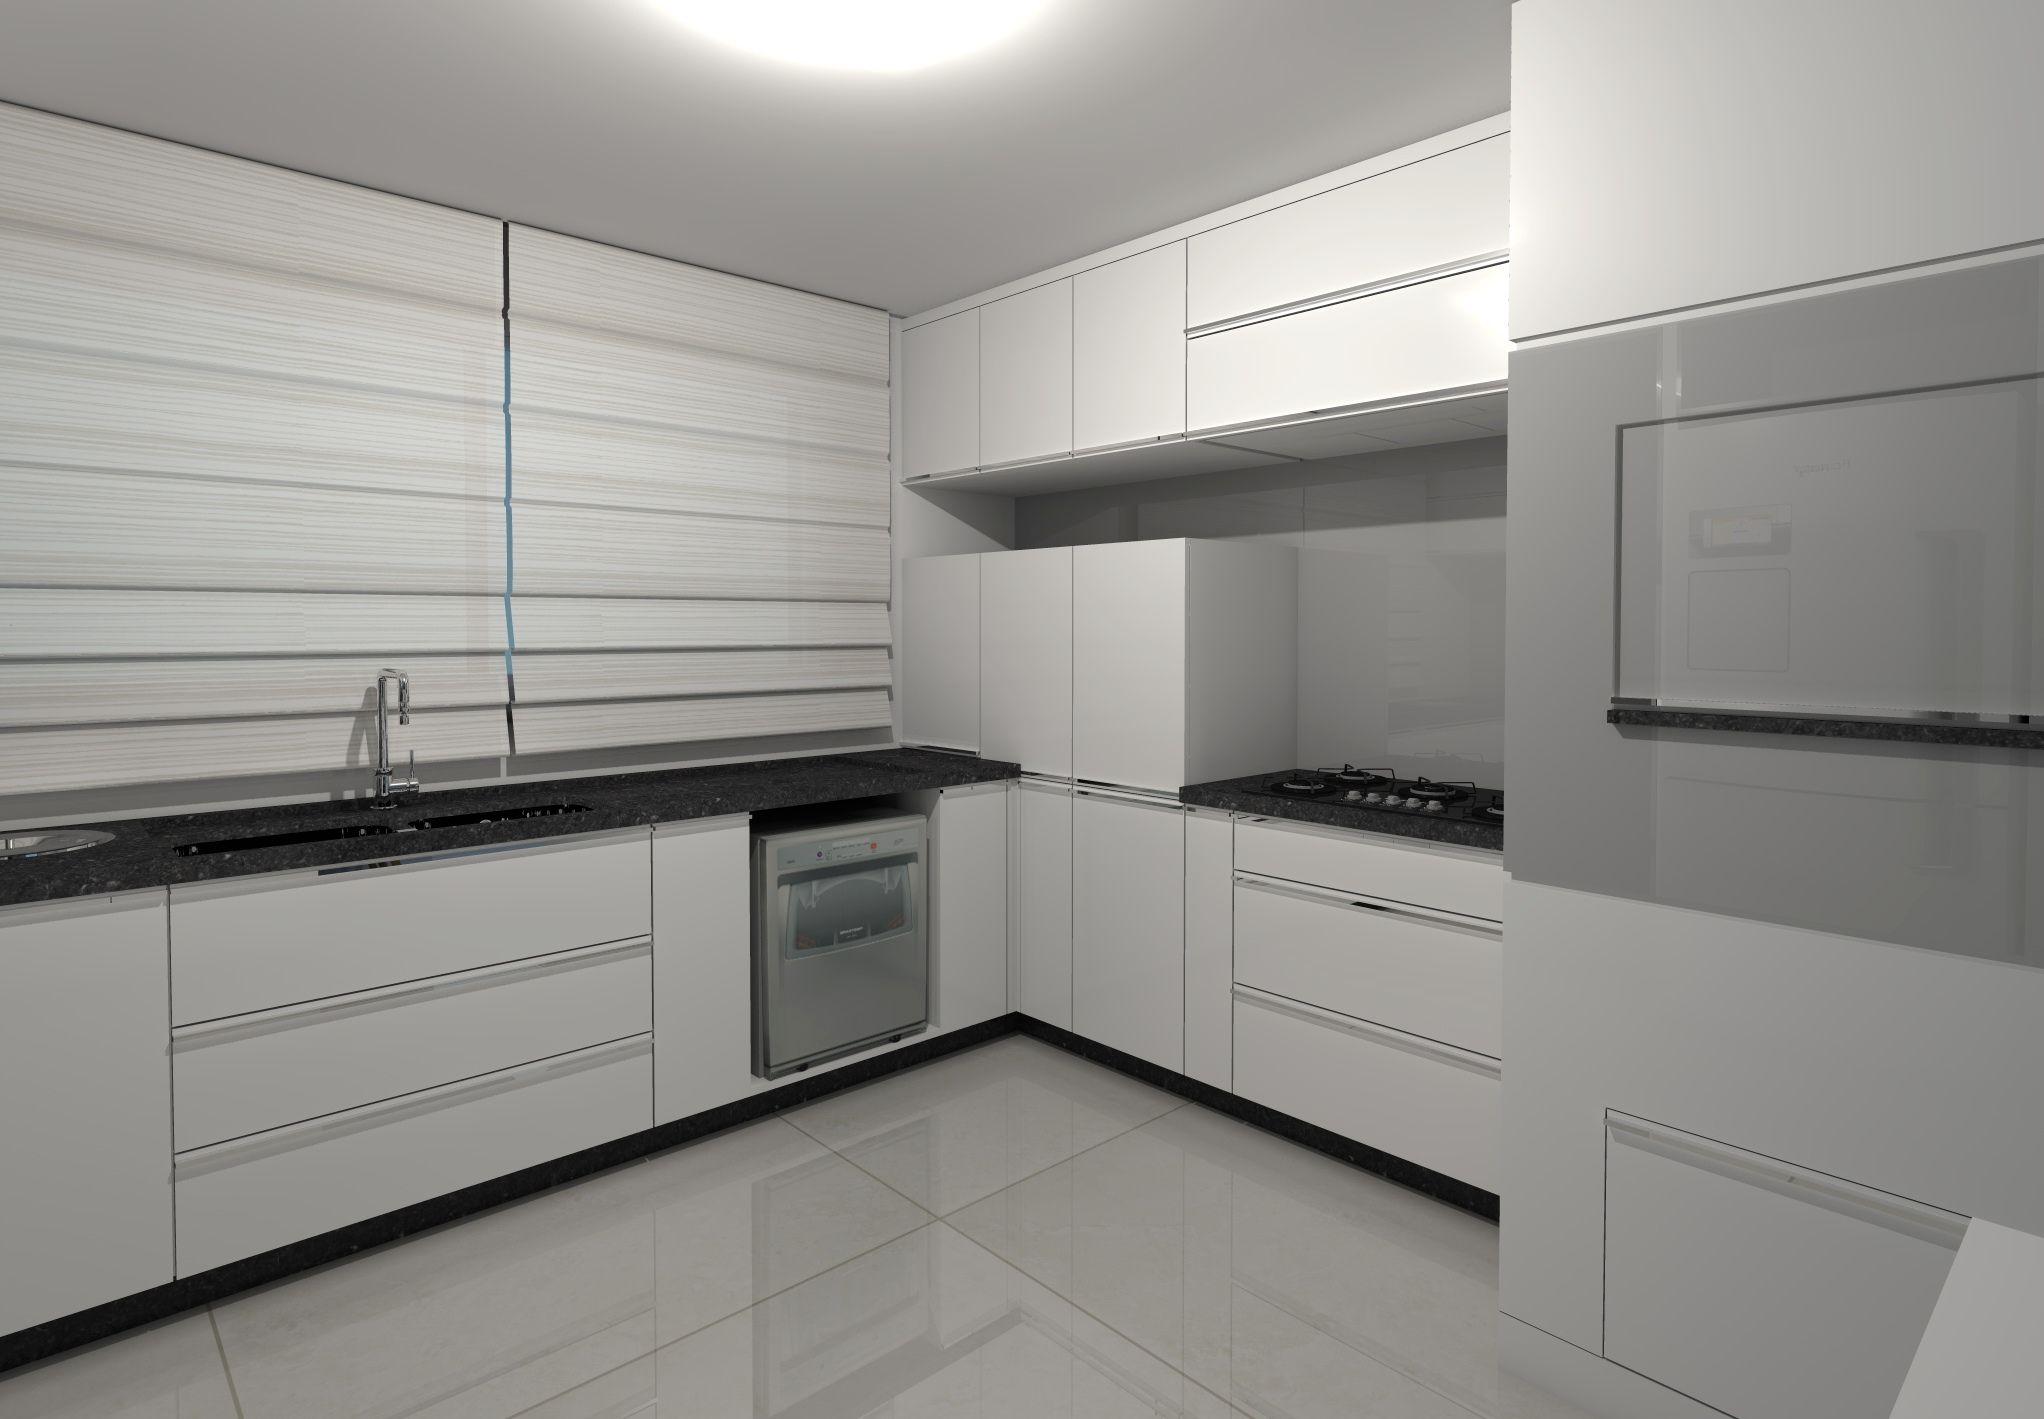 Projeto De Cozinha Desenvolvido Pela Arquiteta Caroline Arsego